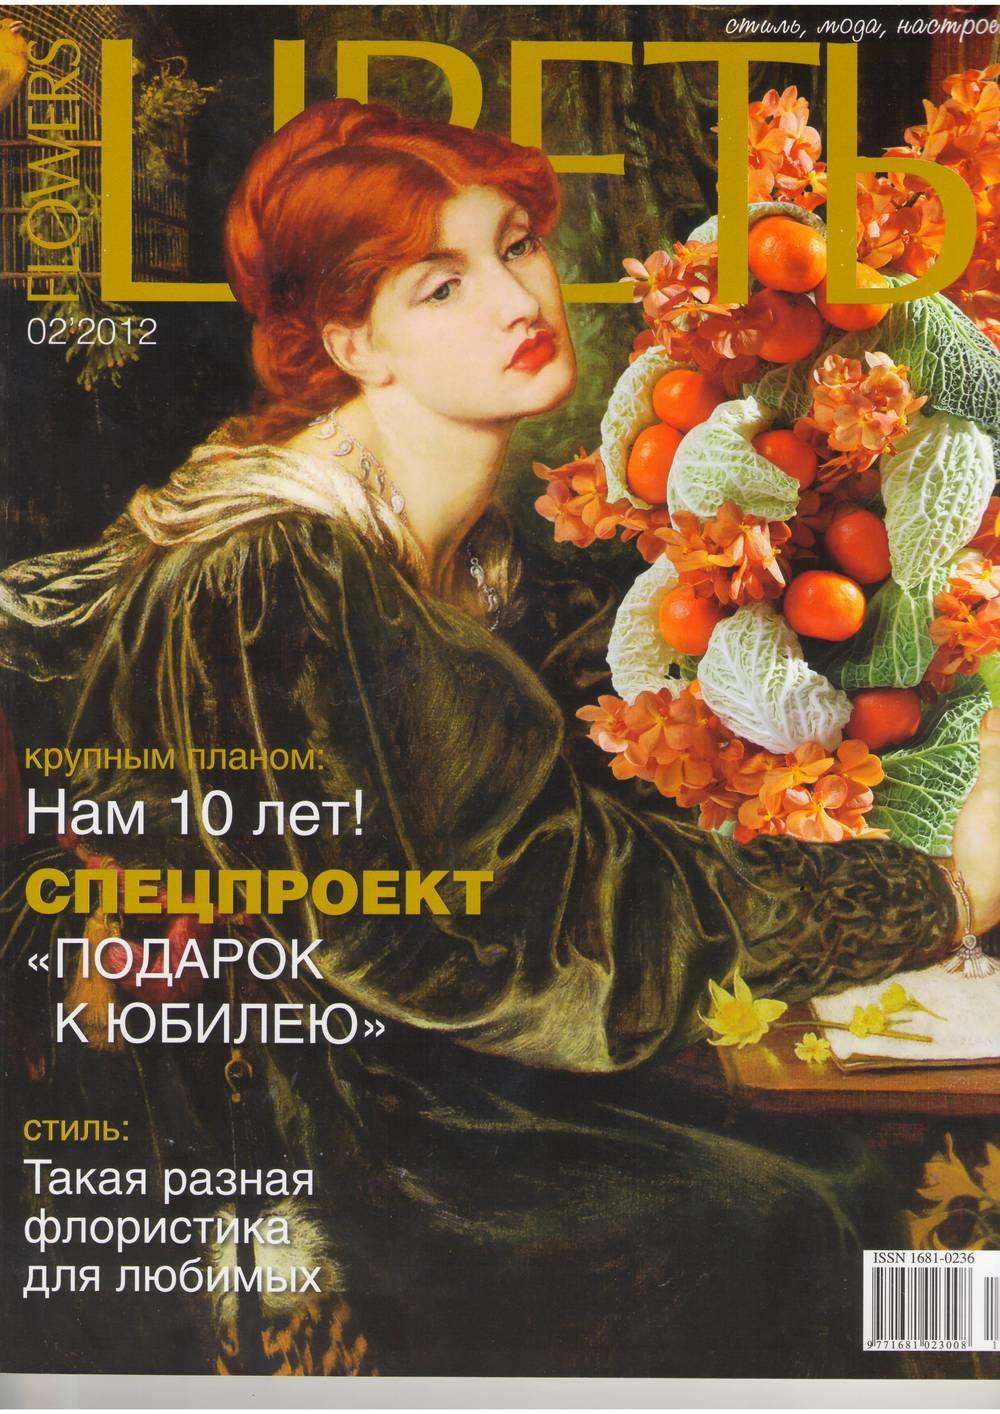 журнал цветы 02 2012 обложка.JPG